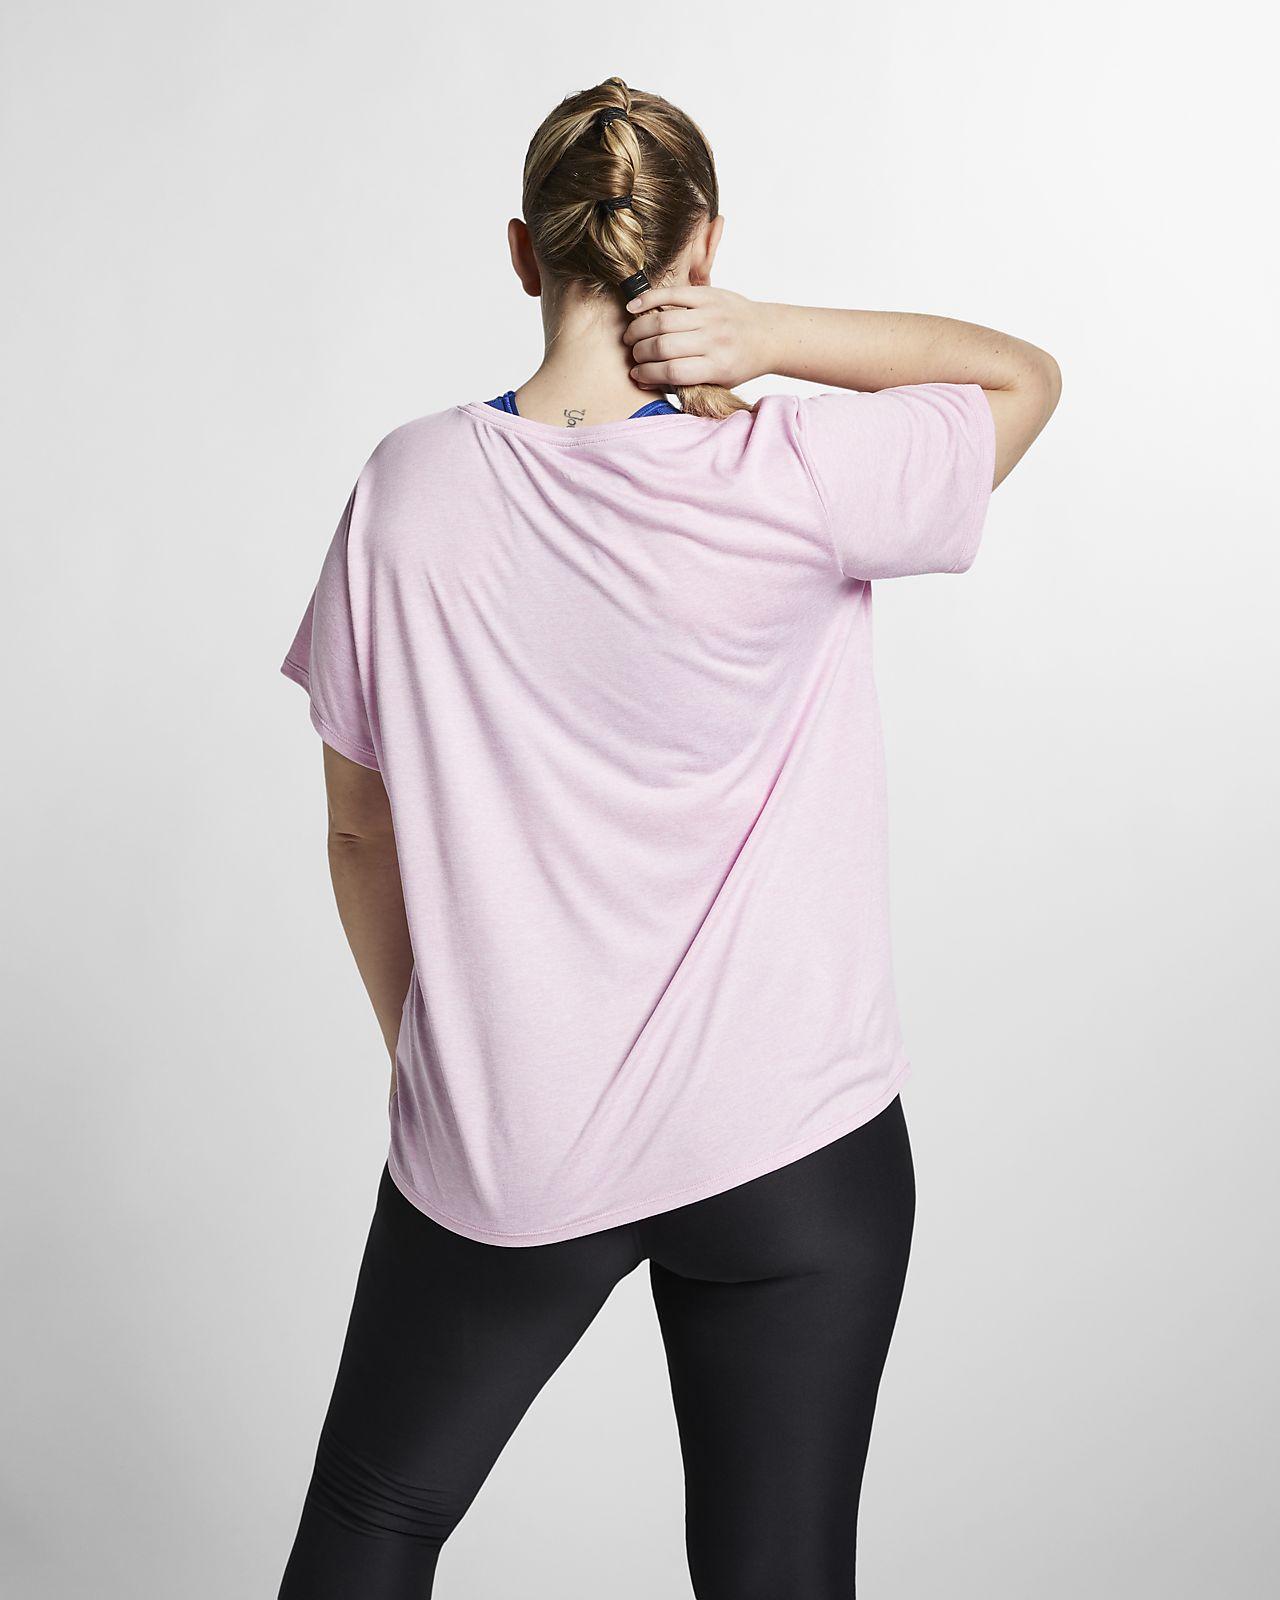 5587a16638d0a ... Nike Dri-FIT Legend Women s Short-Sleeve Training Top (Plus Size)